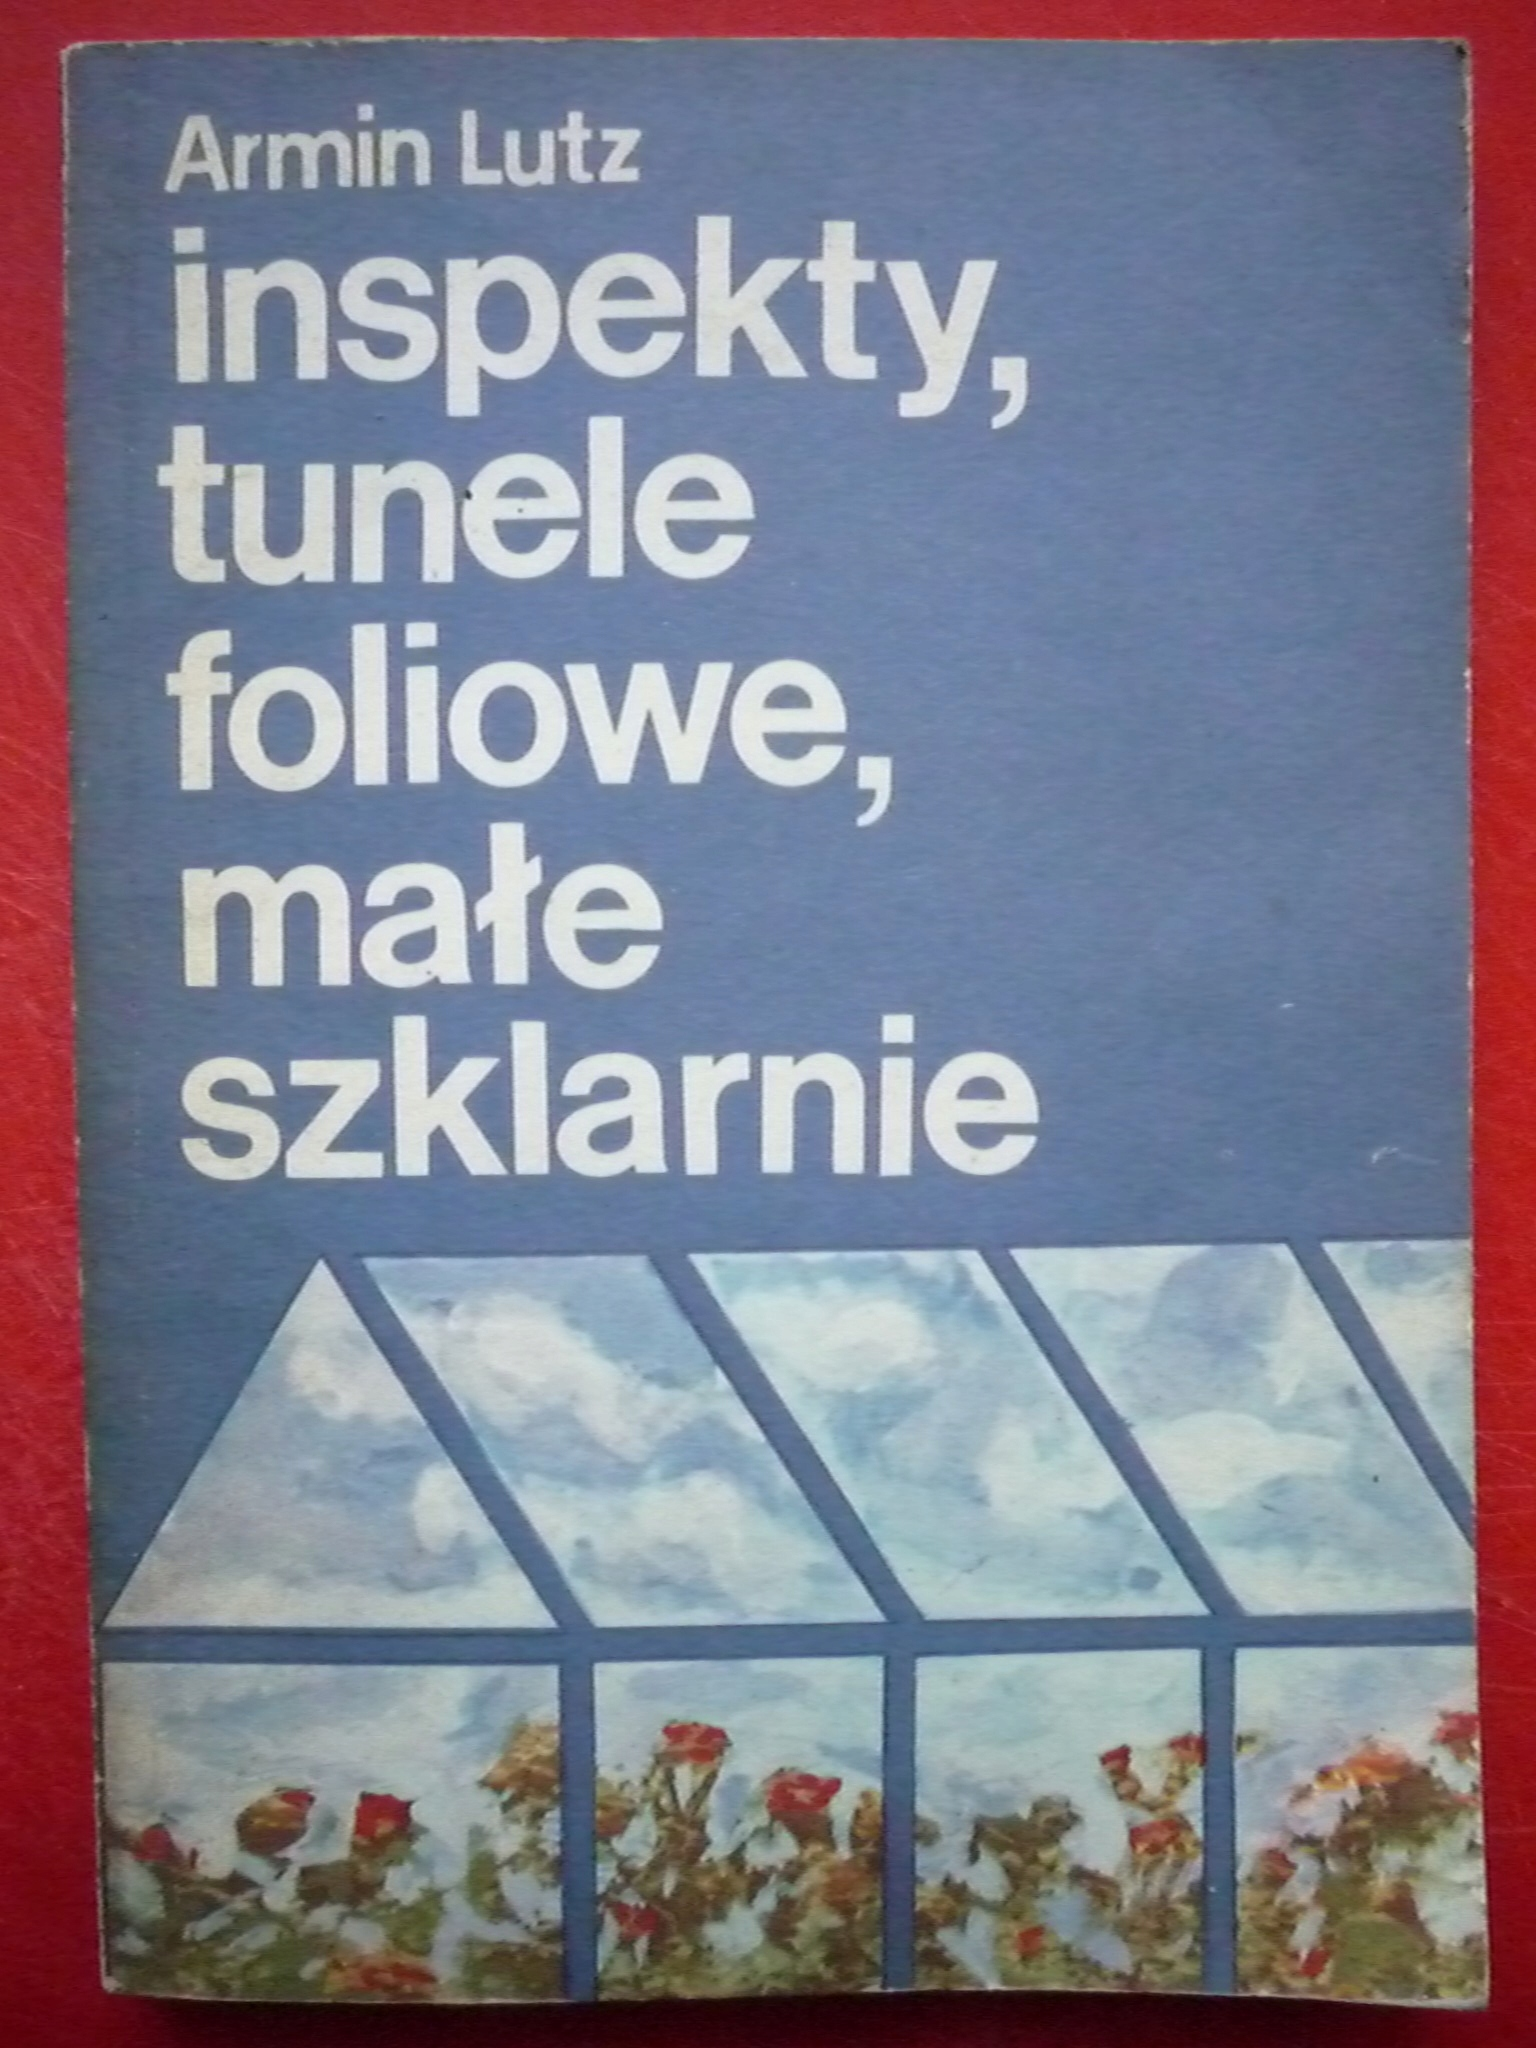 A.Lutz - Inspekty, tunele foliowe, małe szklarnie